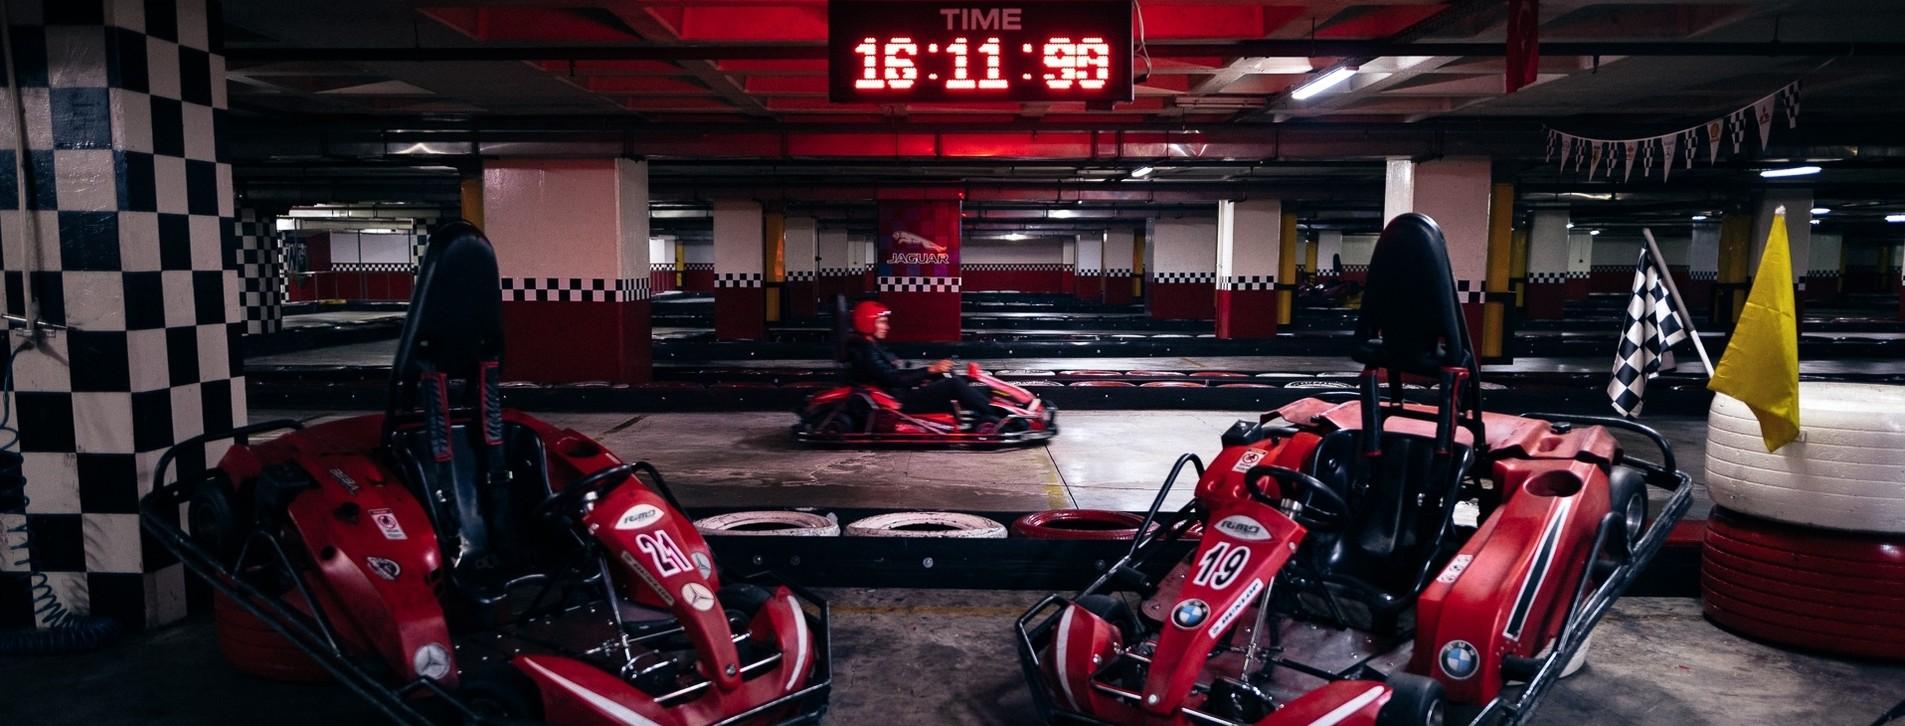 Fotoğraf - Arkadaş Grubu için Karting